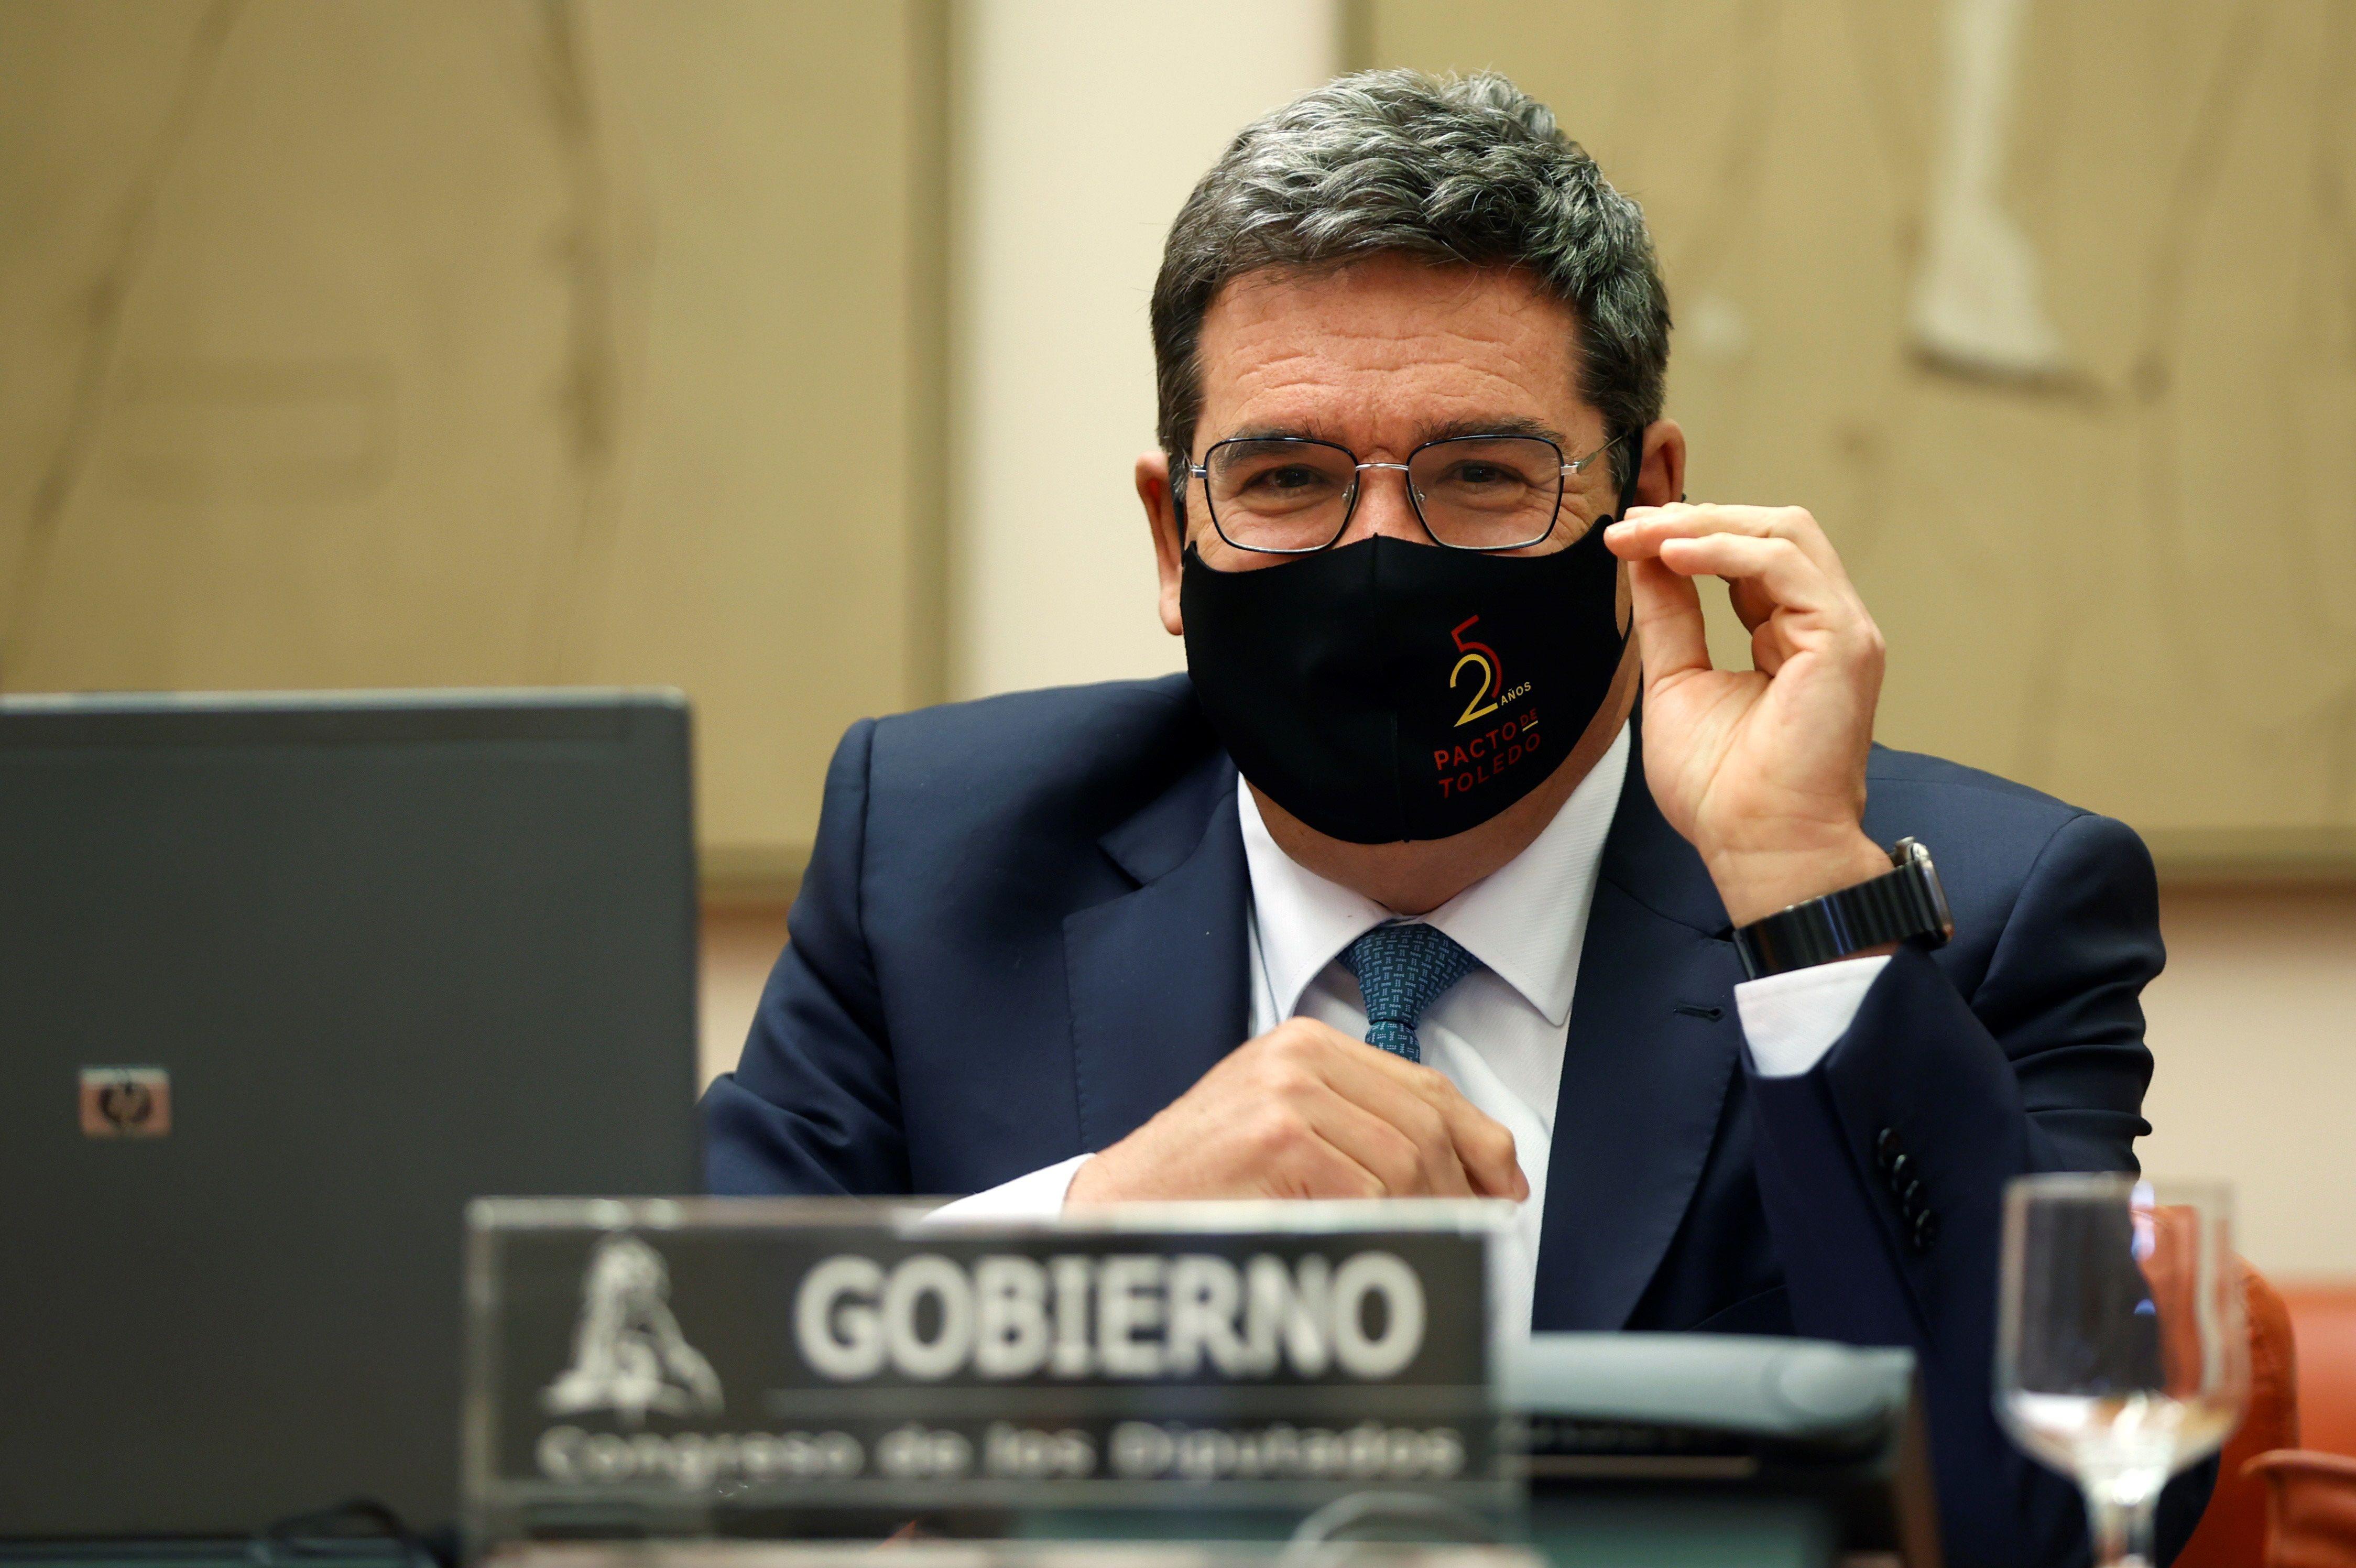 El ministro de Seguridad Social José Luis Escrivá, en la comisión del Pacto de Toledo donde explicó su propuesta de incentivos.